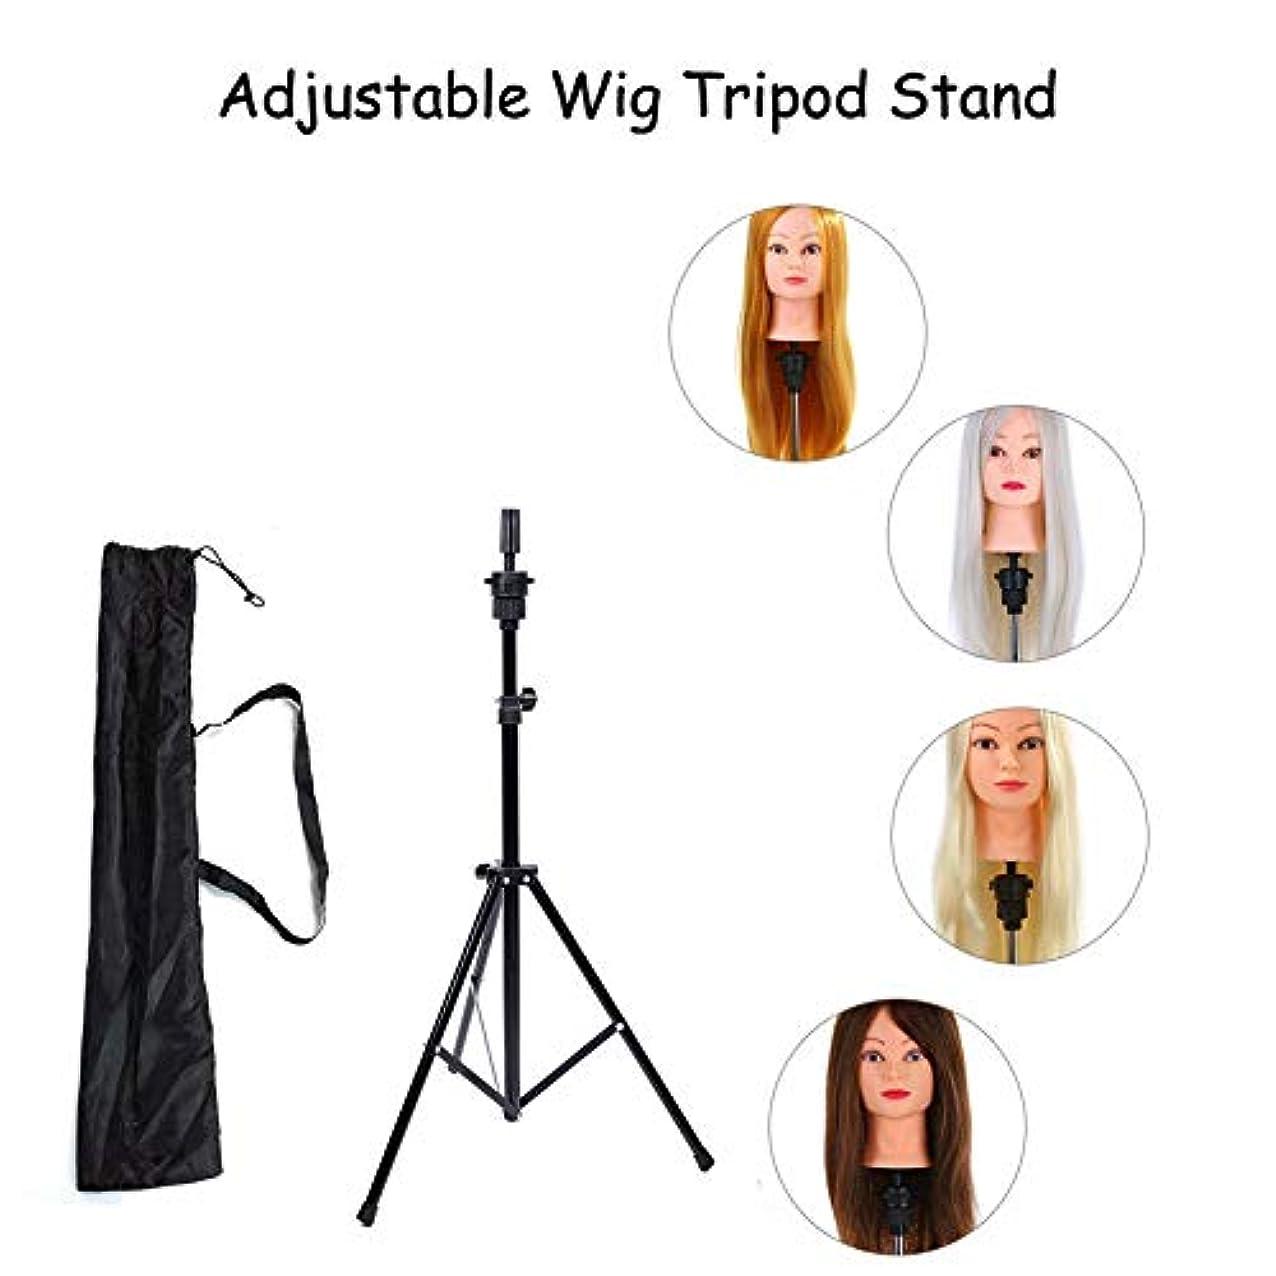 音声学時計マンハッタンマネキンウィッグヘッド三脚スタンド調節可能な美容トレーニング人形ヘッドホルダー用理髪かつらスタンド付きキャリーバッグ